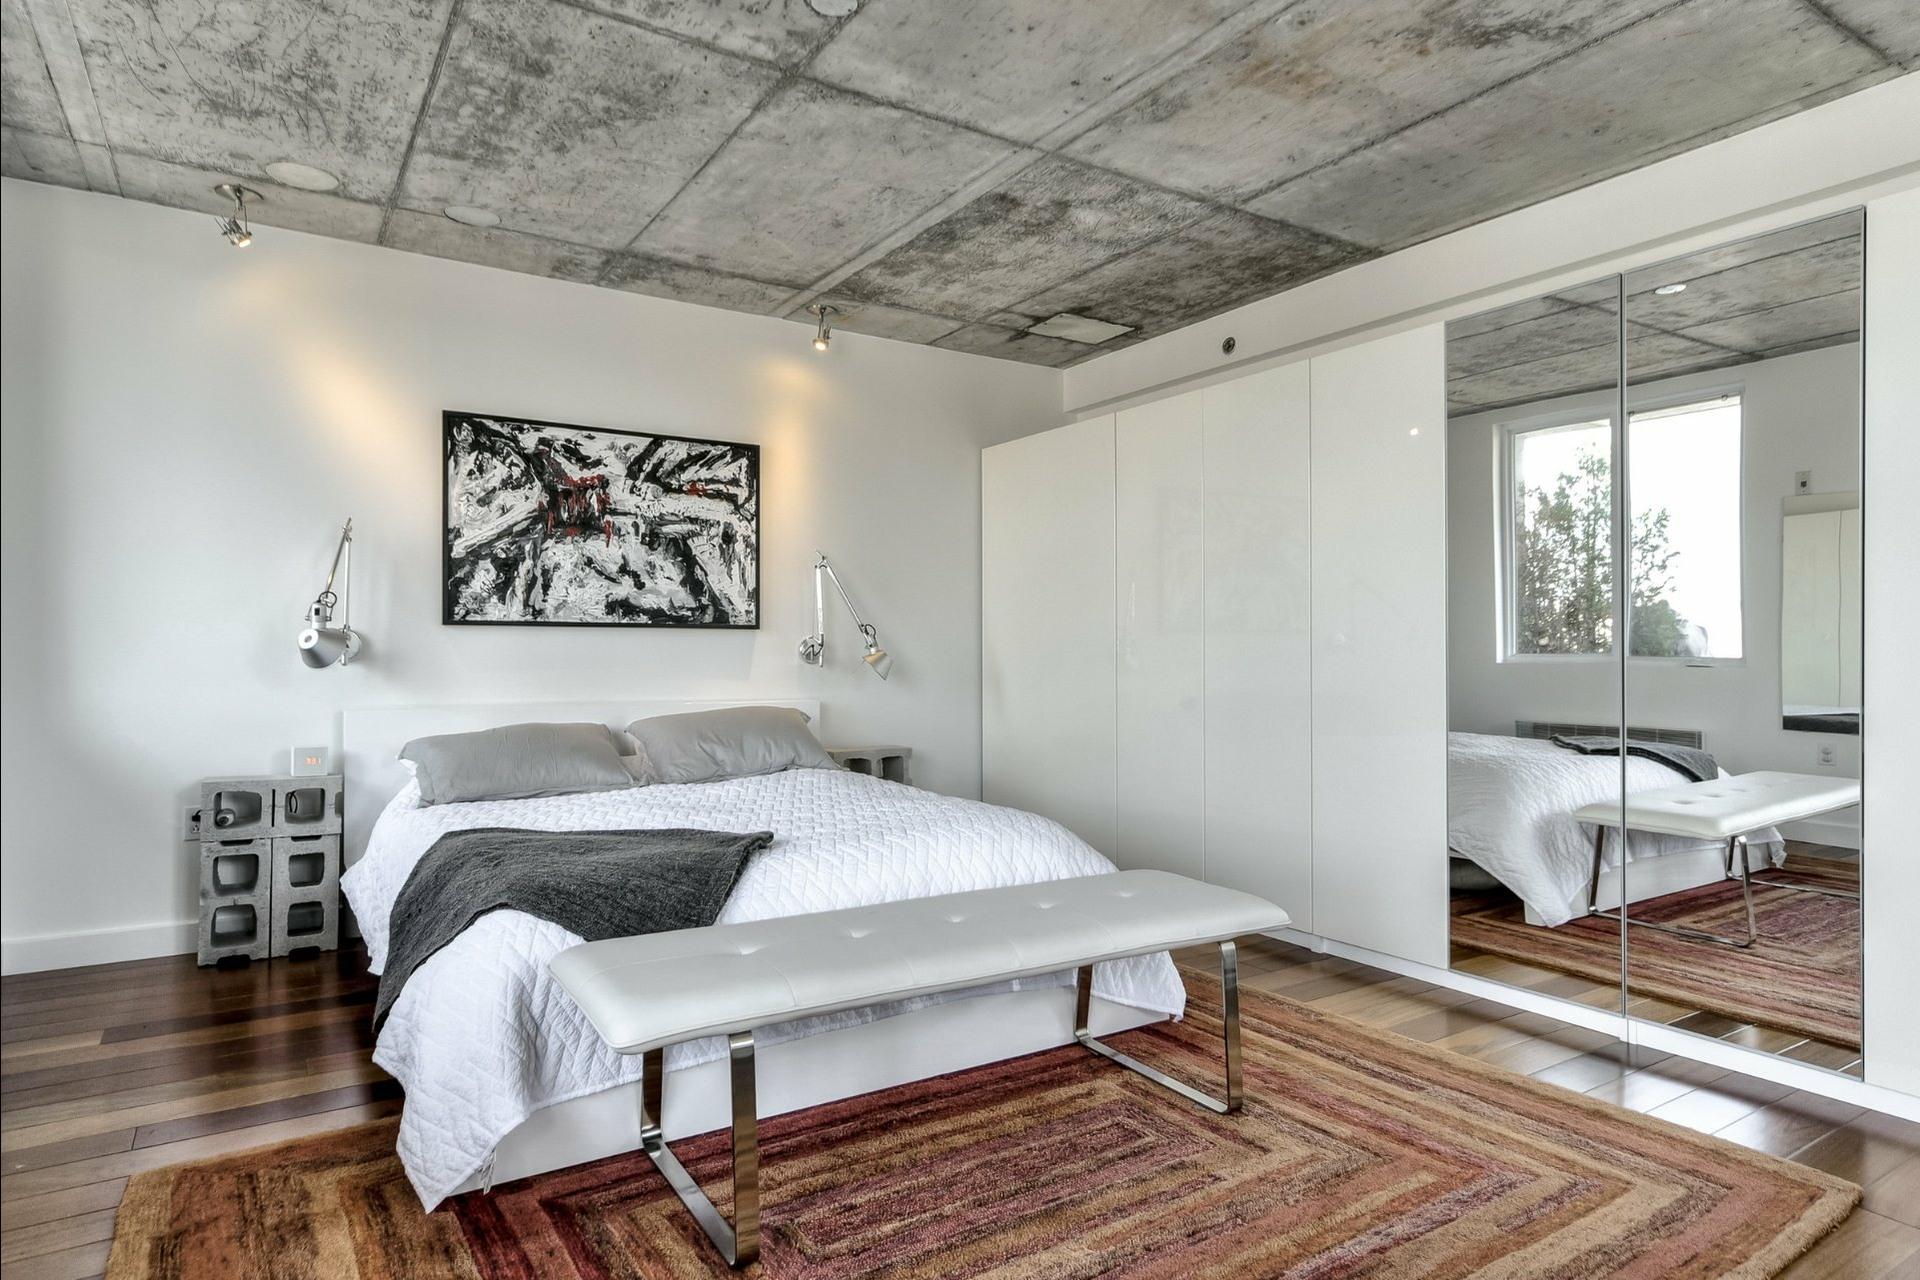 image 16 - Appartement À vendre Montréal Le Plateau-Mont-Royal  - 6 pièces